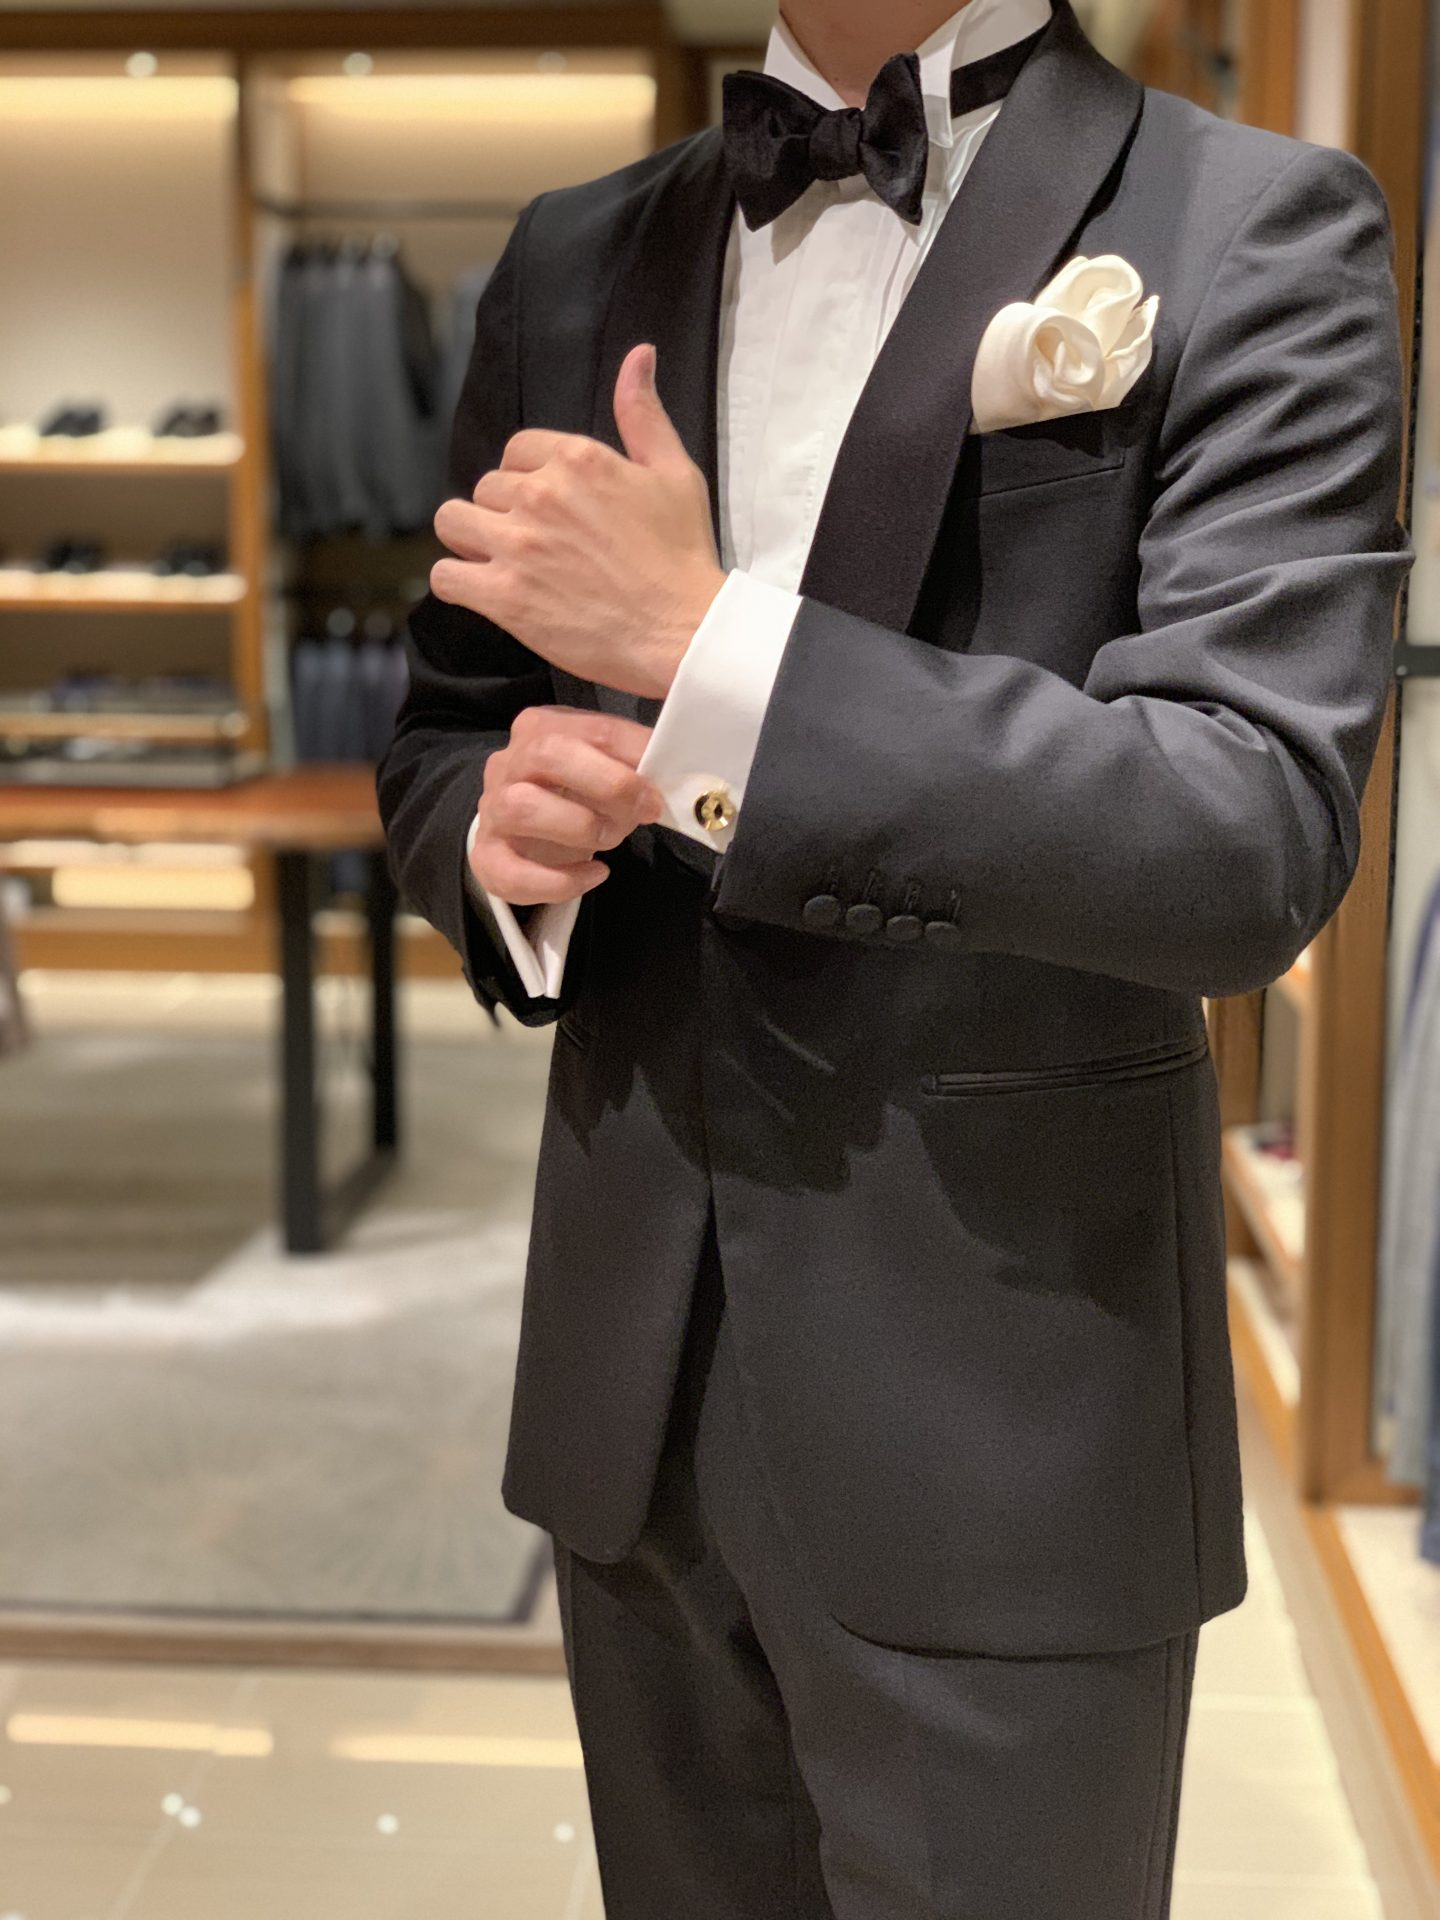 THE TREAT DRESSING大阪店のフォーマルコーディネートで合わせたショールカラーのブラックタキシード